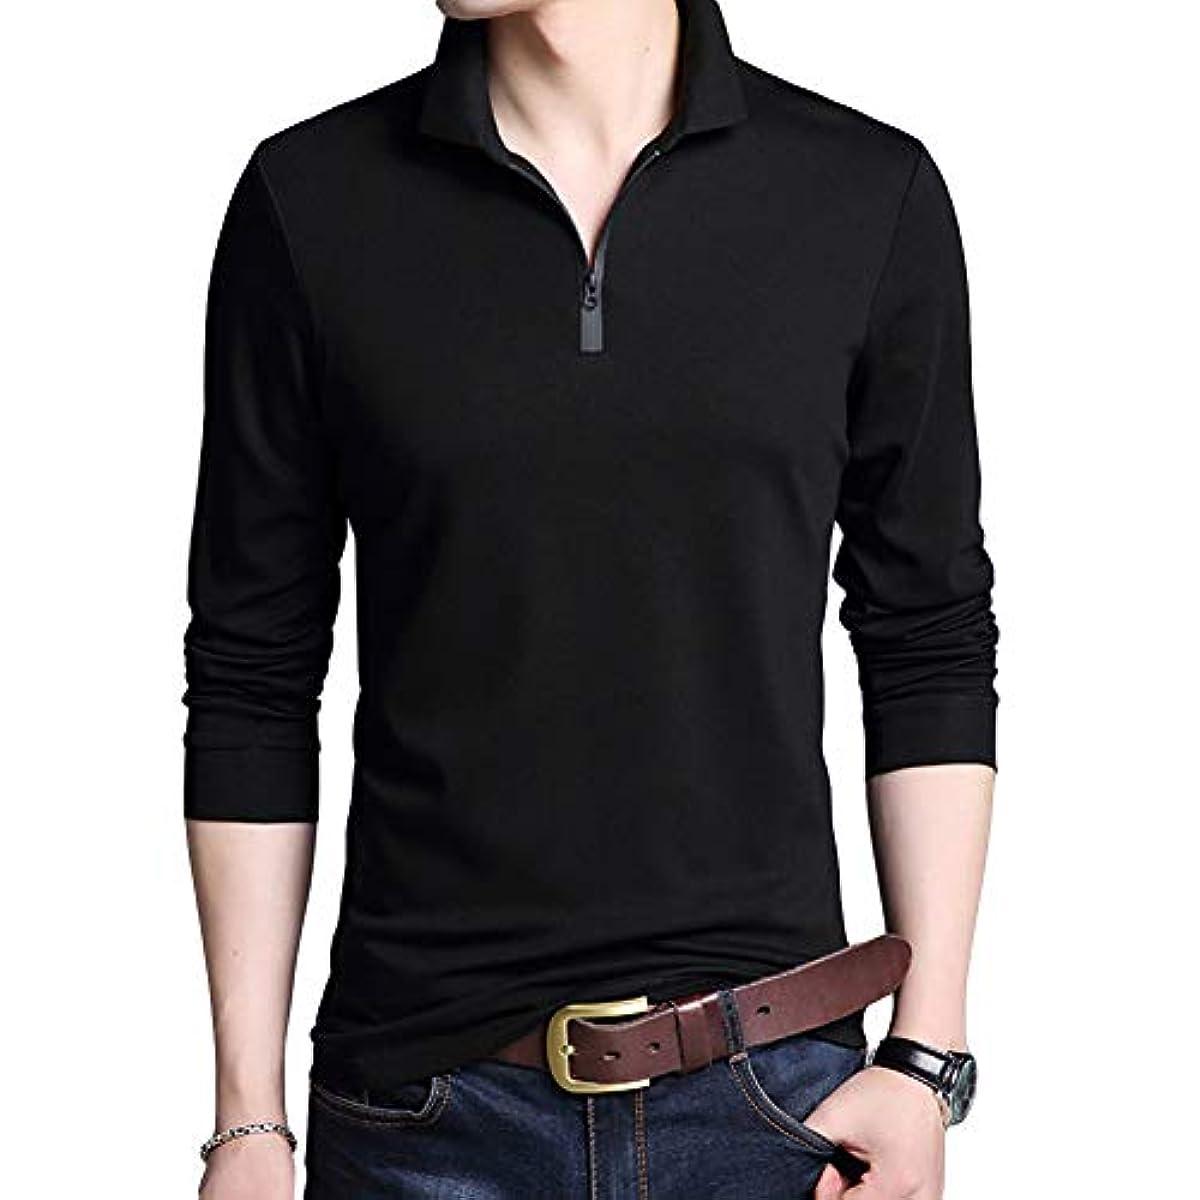 [해외] [YUNCLOS] 골프 웨어 맨즈 폴로 셔츠 긴 소매 POLO 개금 셔츠 무지